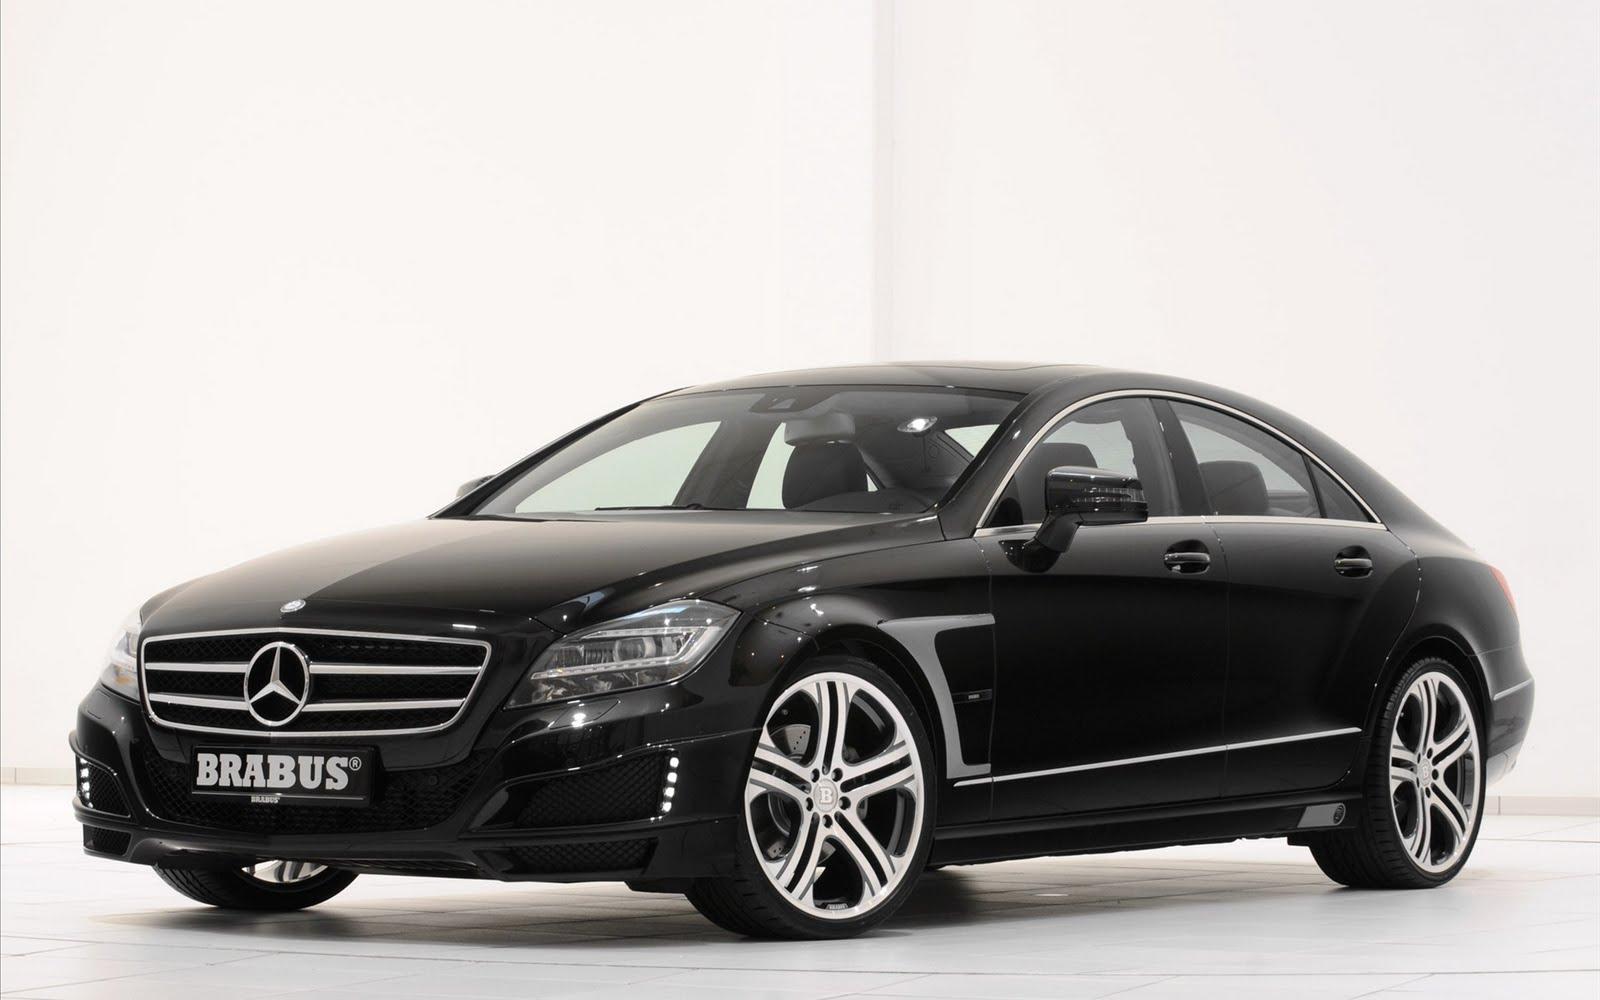 http://2.bp.blogspot.com/-QNypHxVMBmU/TZP5QfZf2rI/AAAAAAAAAOE/ioG_VESkqrY/s1600/Brabus-Mercedes-Benz-CLS-Coupe-2011-widescreen-09.jpg